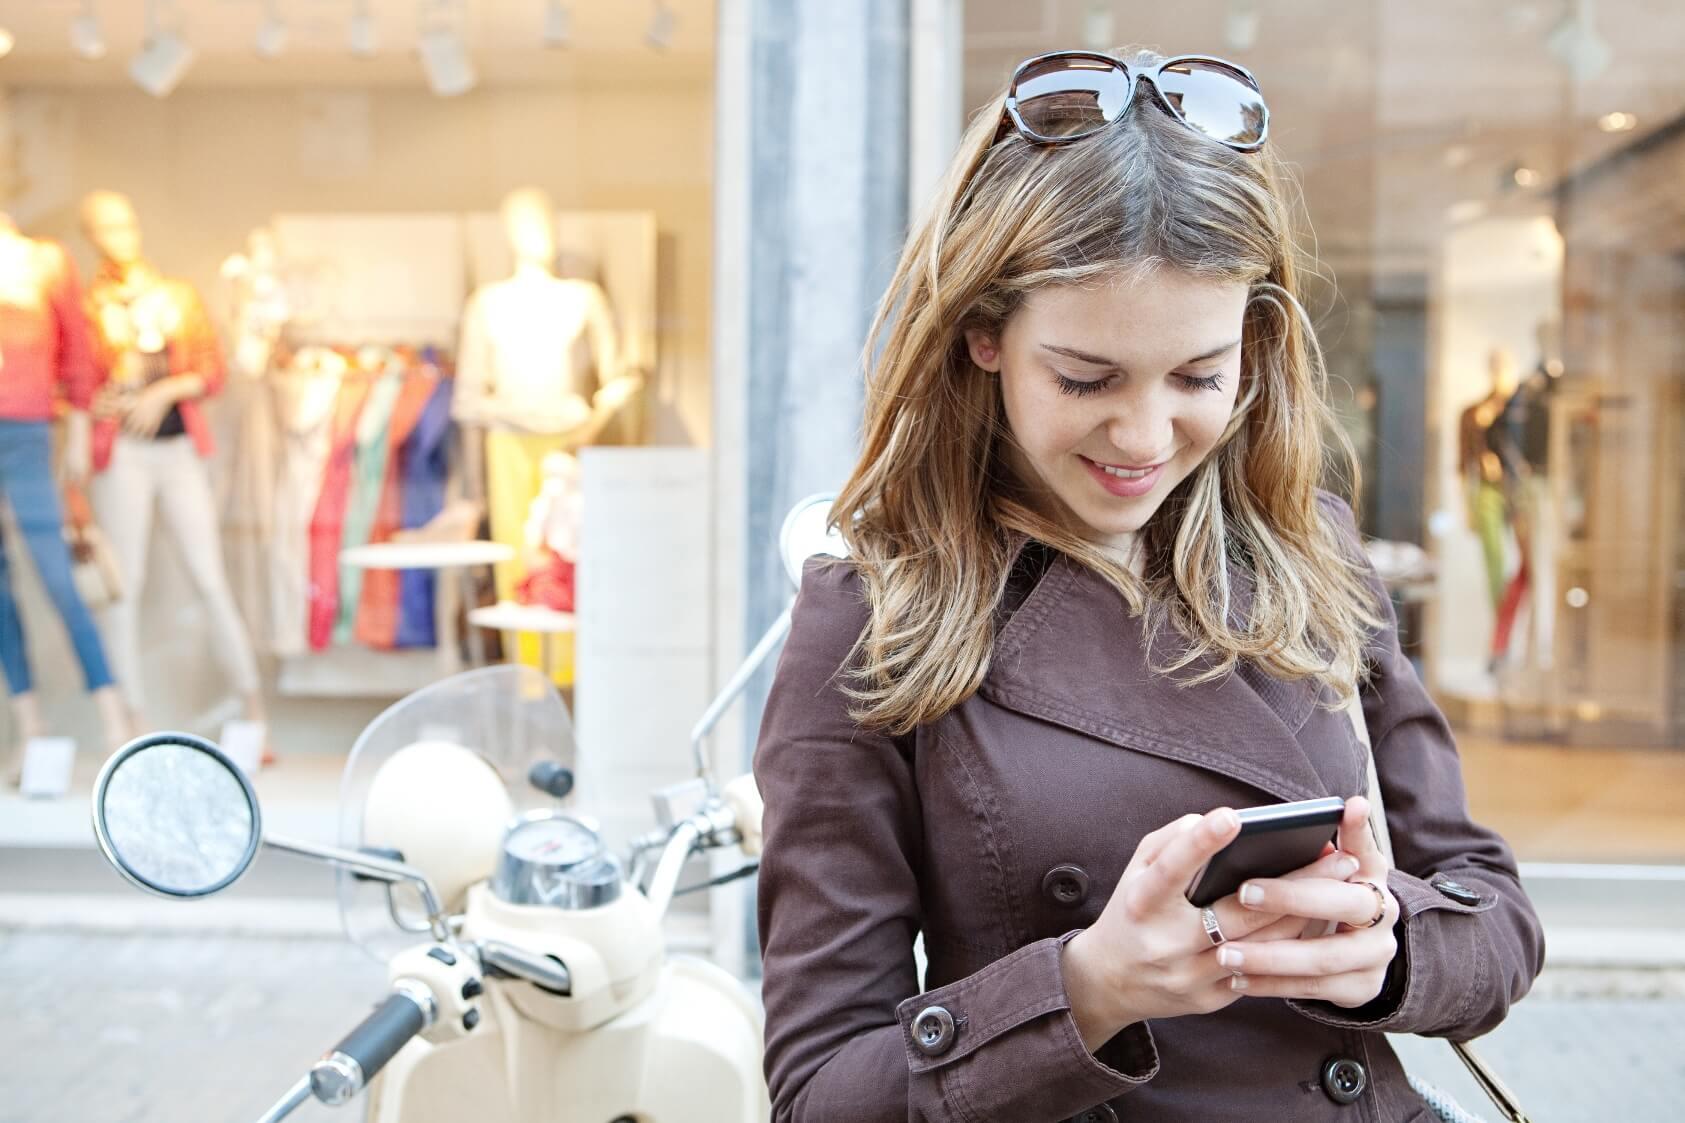 5 راه عالی برای بهبود نرخ تبدیل فروشگاه اینترنتی و افزایش فروش!